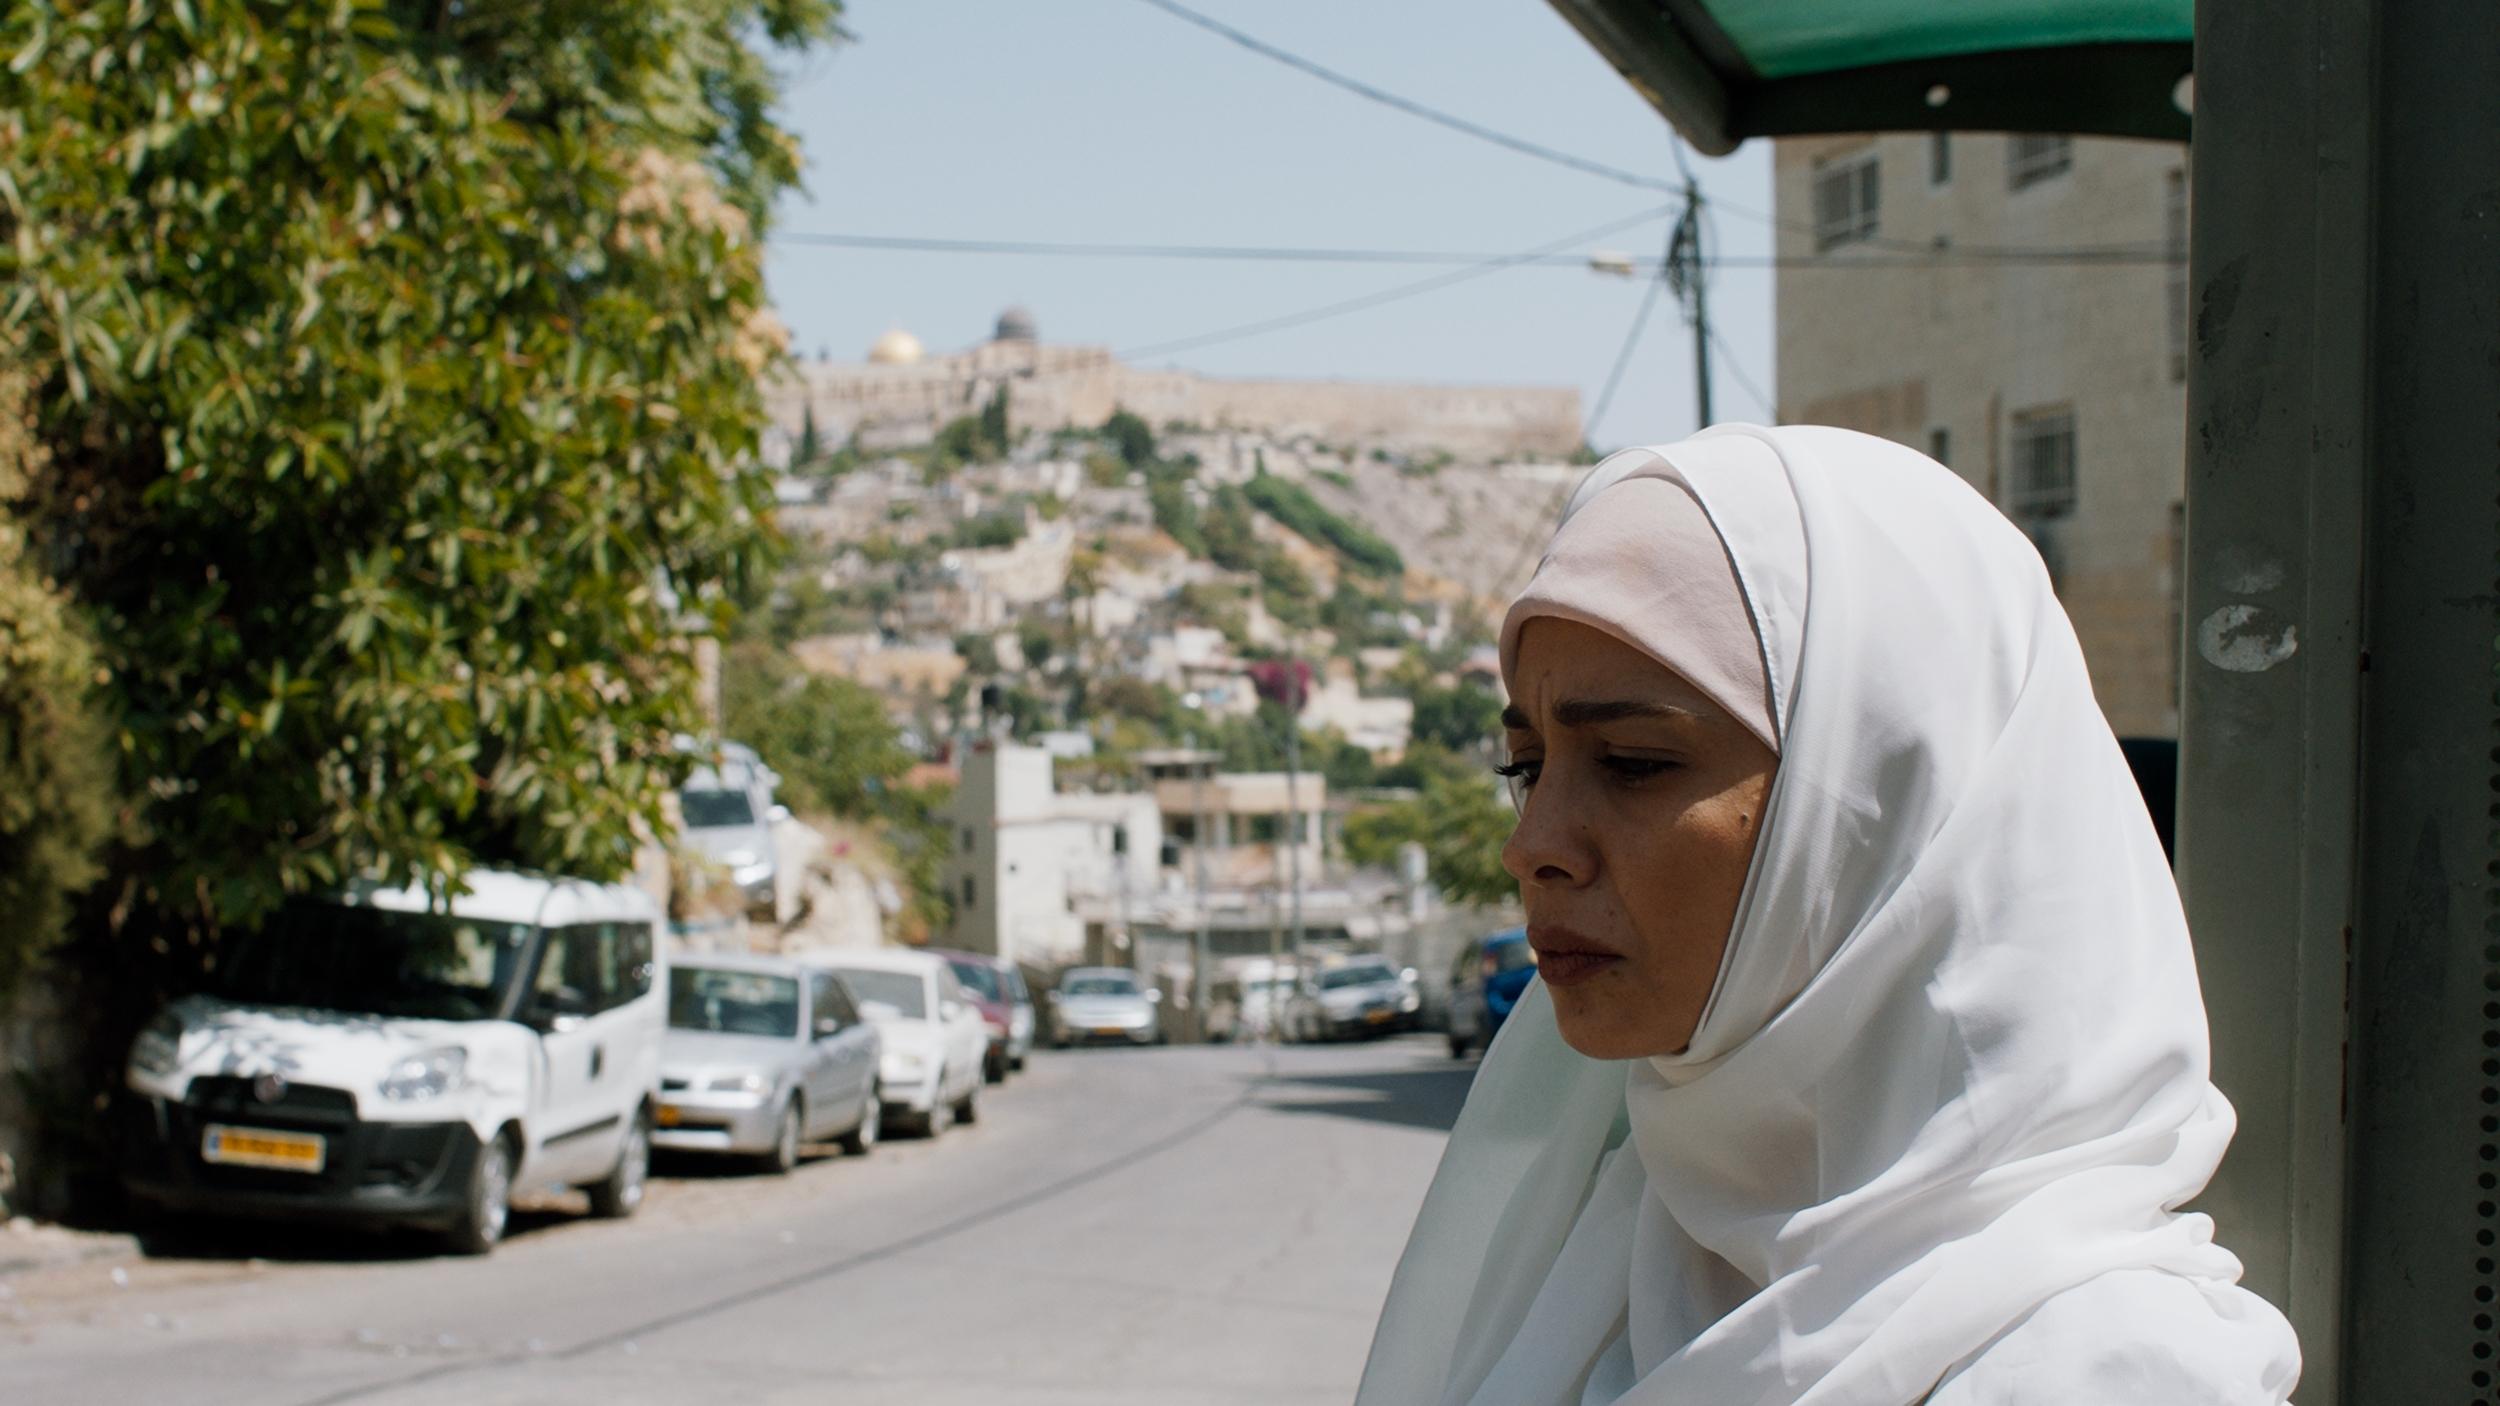 Fotograma de la película Los informes sobre Sarah y Saleem